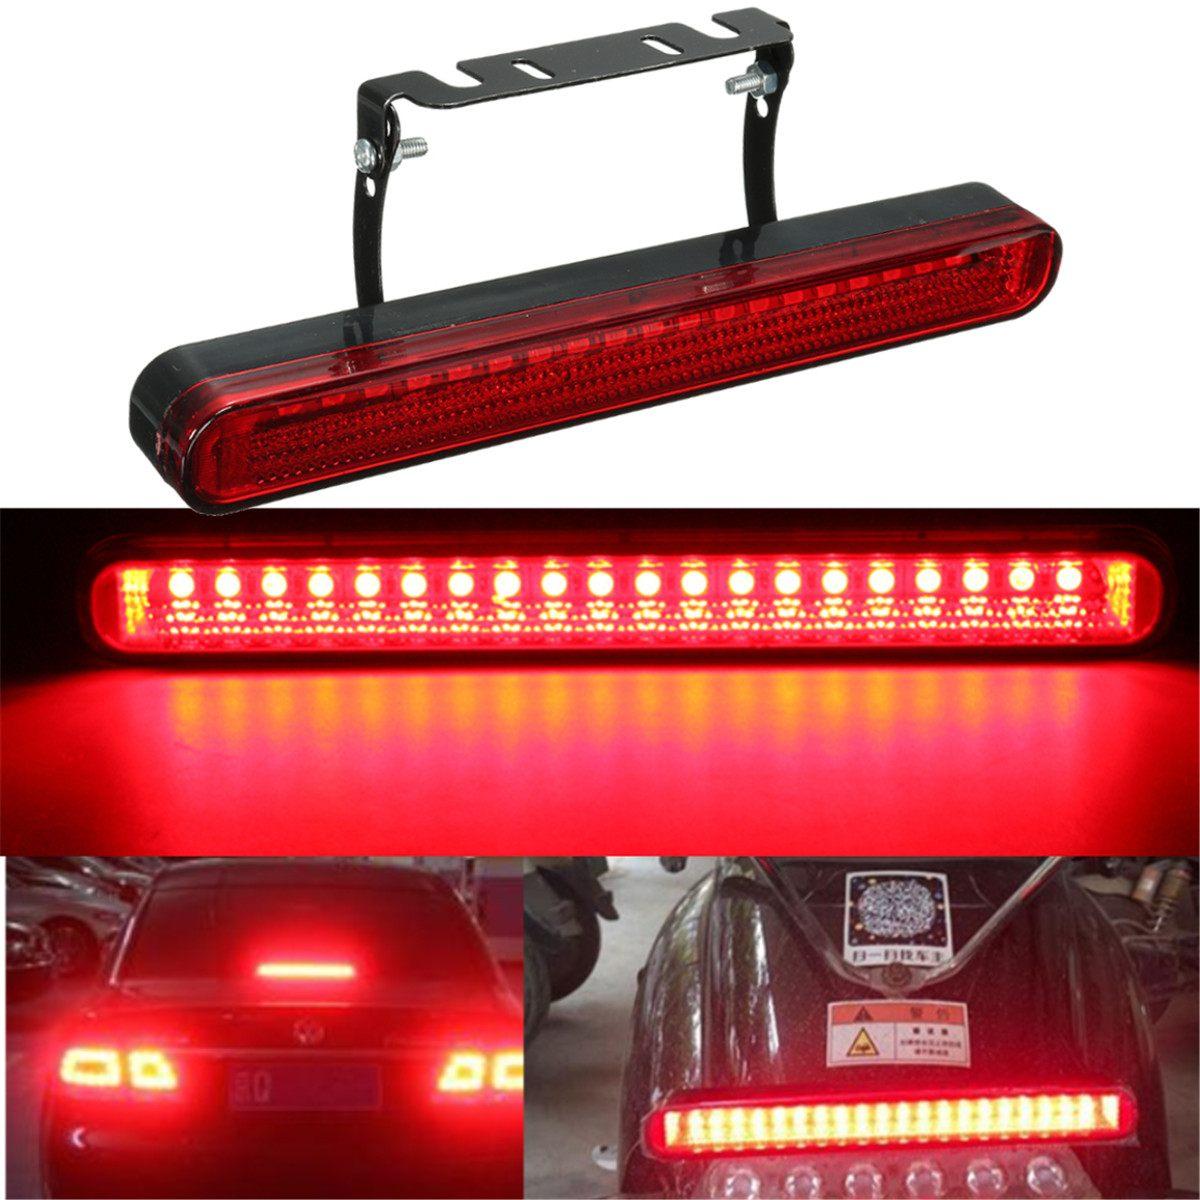 12V Hot Universal Car Motorcycle Rear 20 LED High Brake Warning Tail Fog Stop Light Flashing Red Mount Lamp